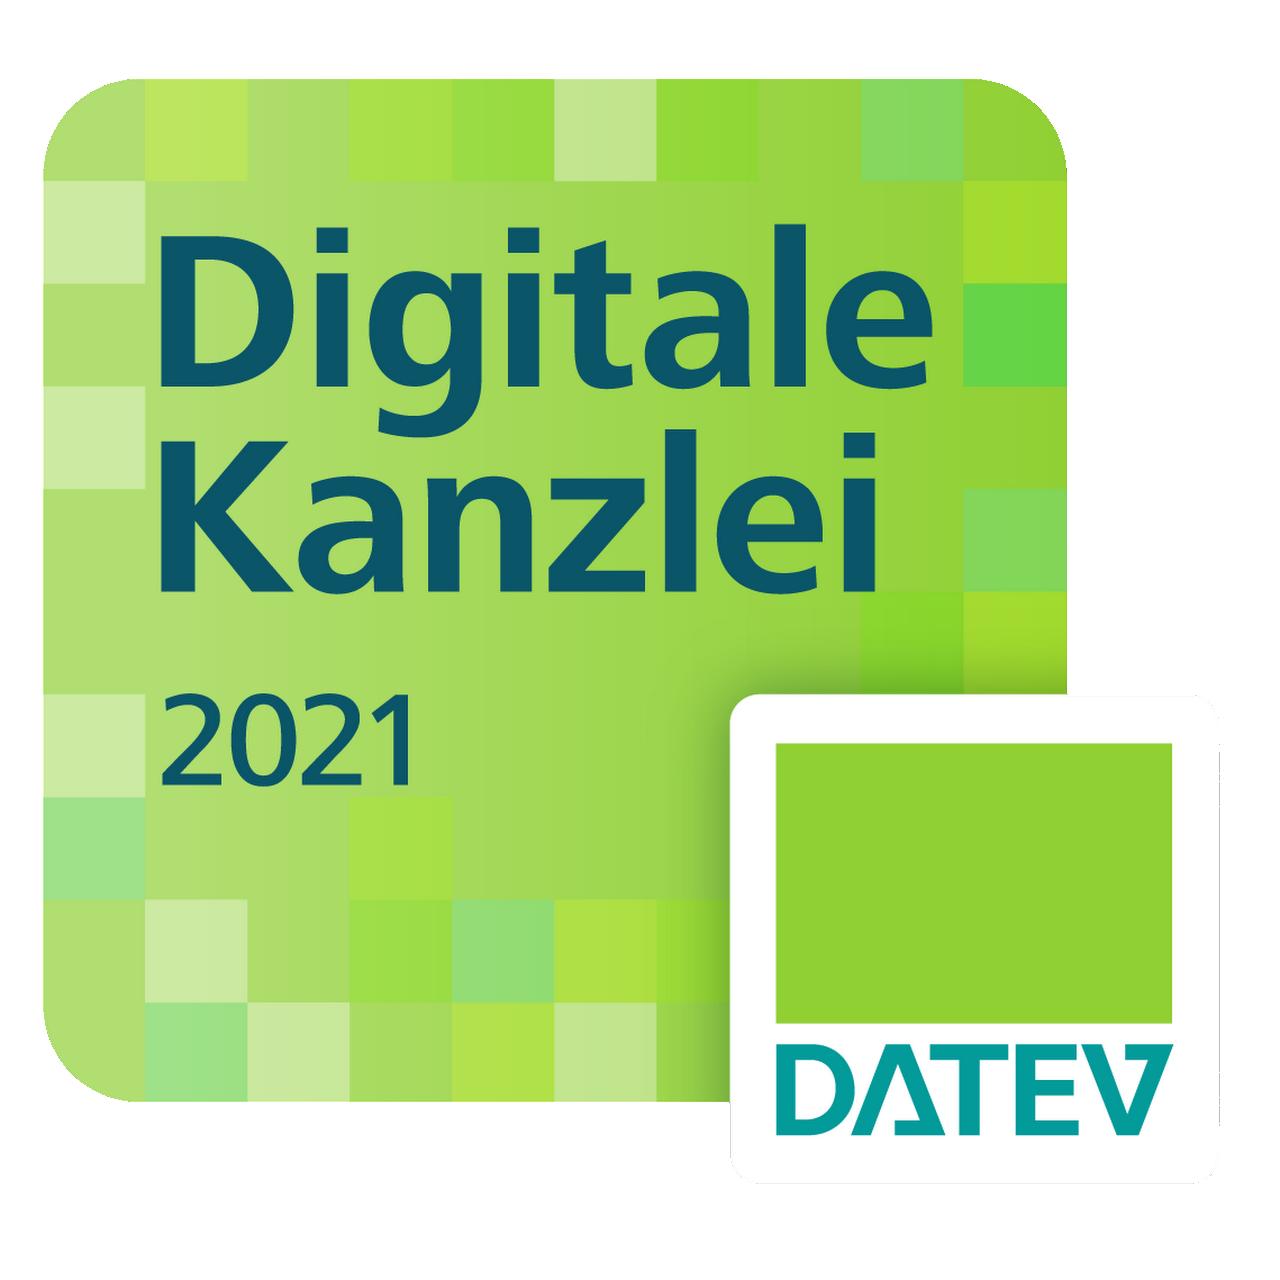 Digitale_Kanzlei_2021